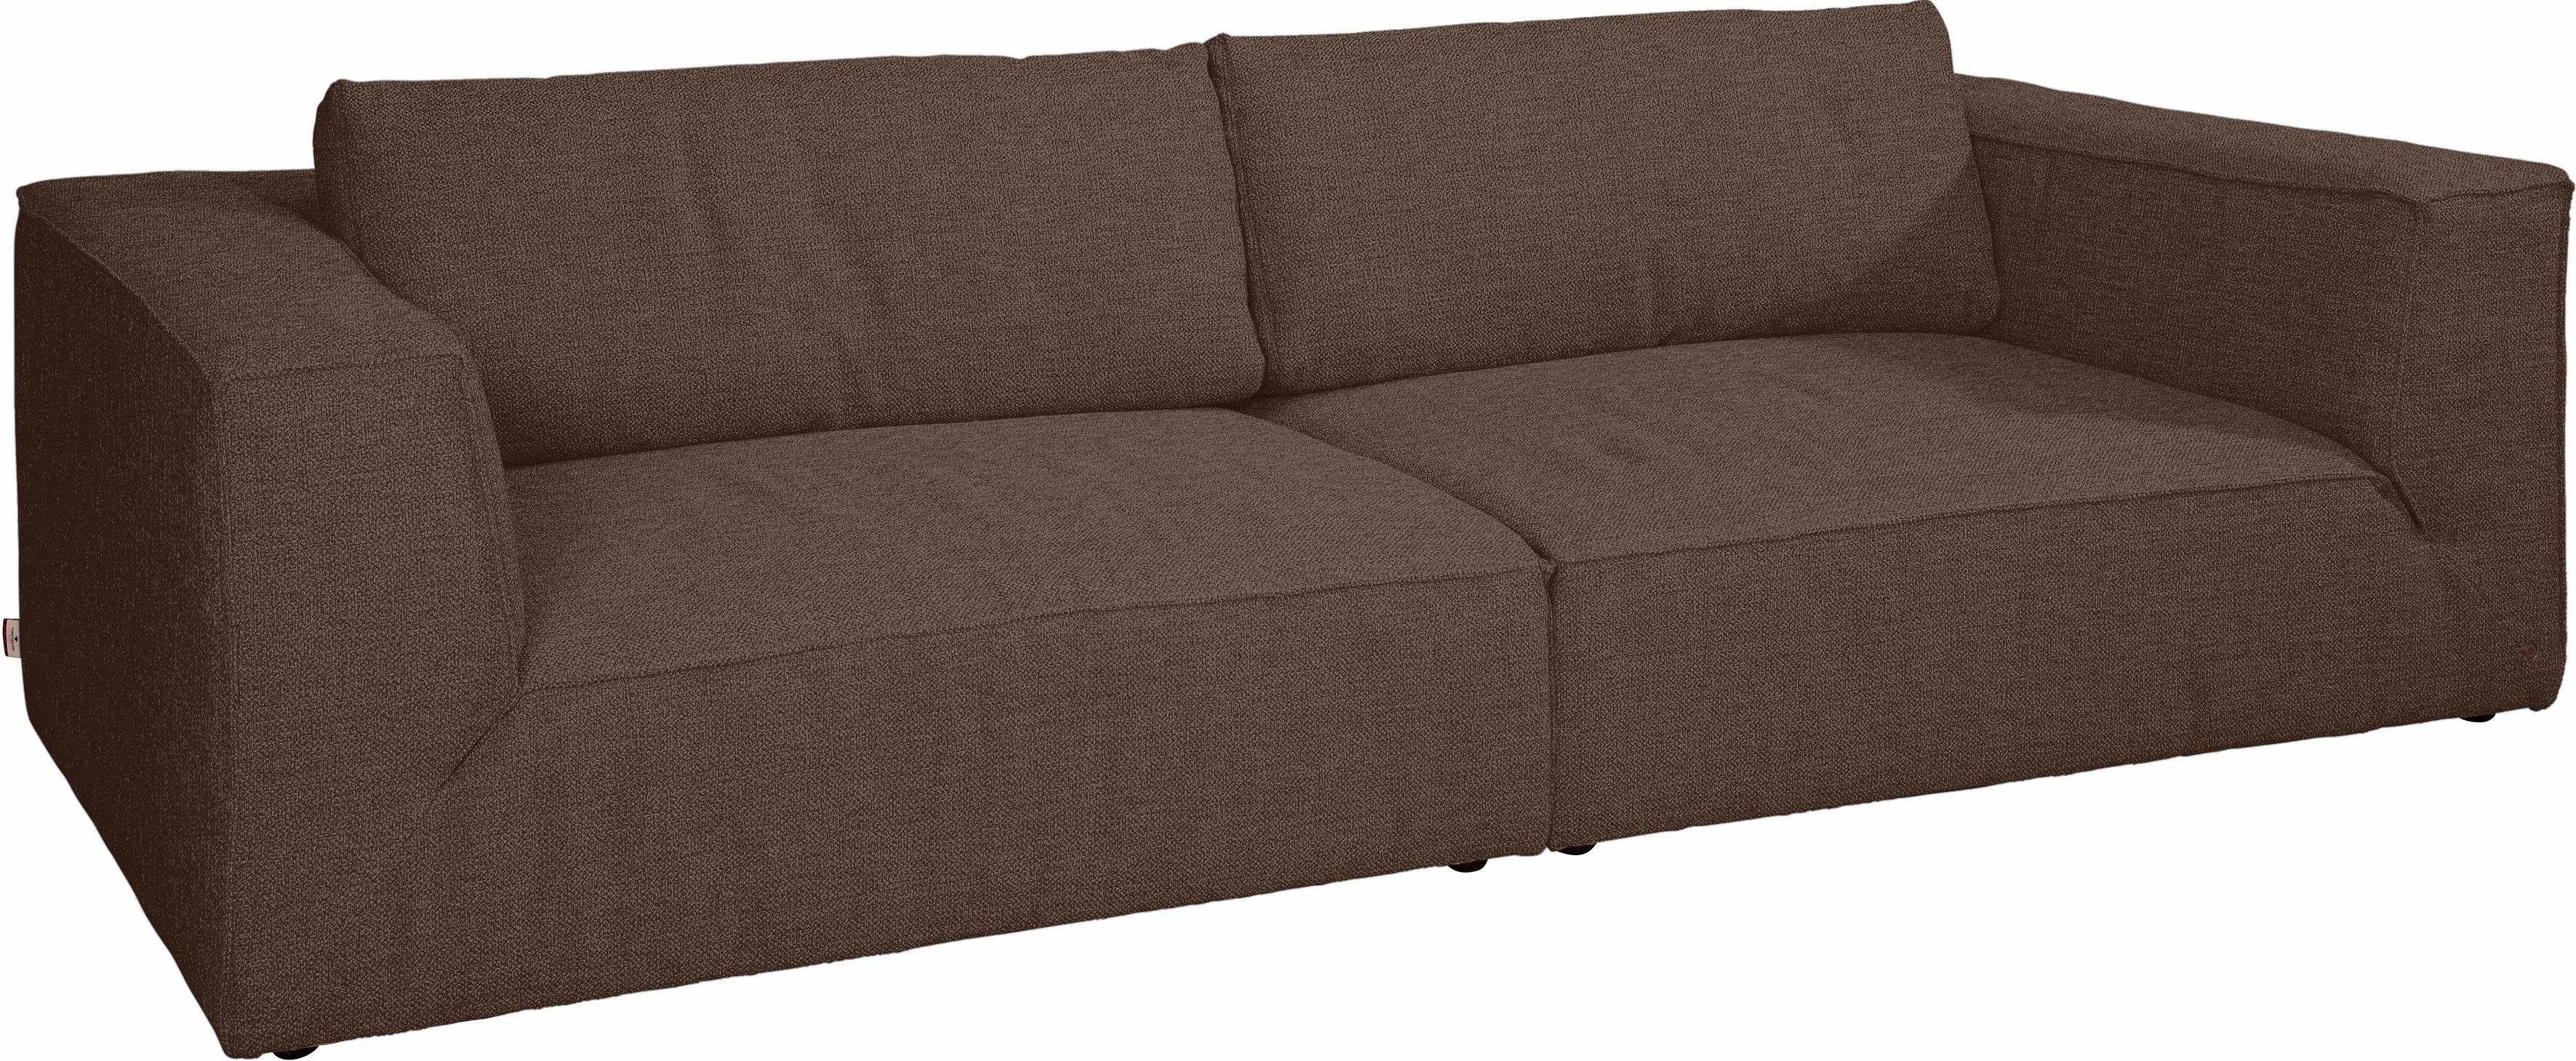 TOM TAILOR Big Sofa braun, »BIG CUBE STYLE« Jetzt bestellen unter ...